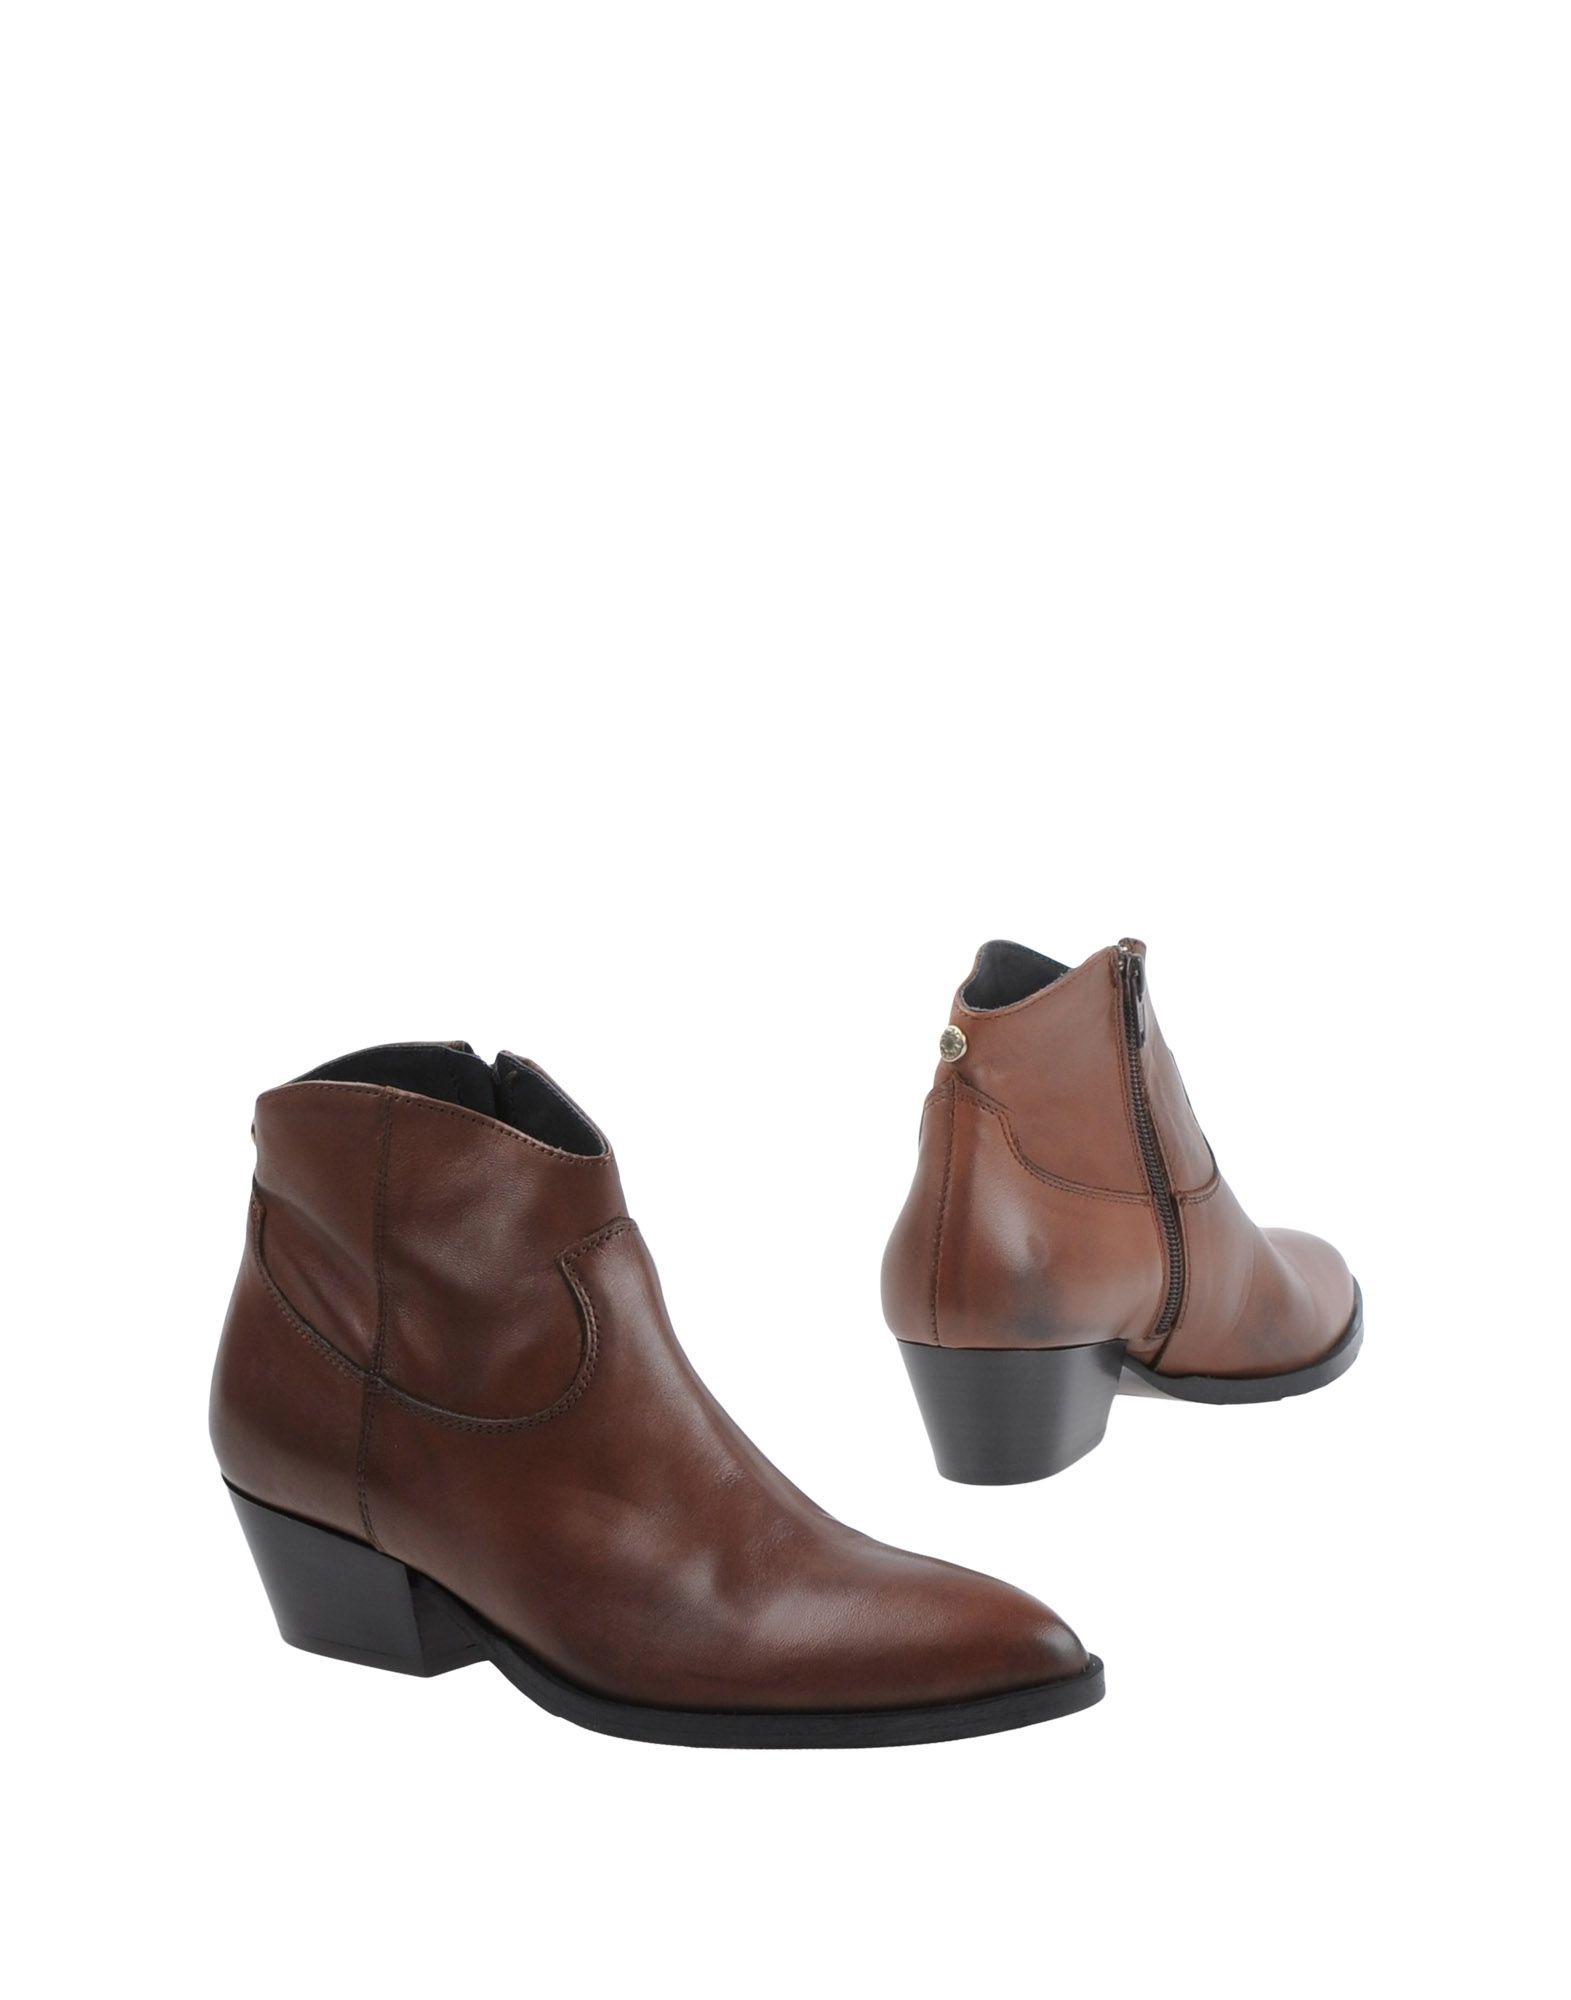 Bottine Liu Bottines •Jo Shoes Femme - Bottines Liu Liu •Jo Shoes Chocolat Les chaussures les plus populaires pour les hommes et les femmes 2be992